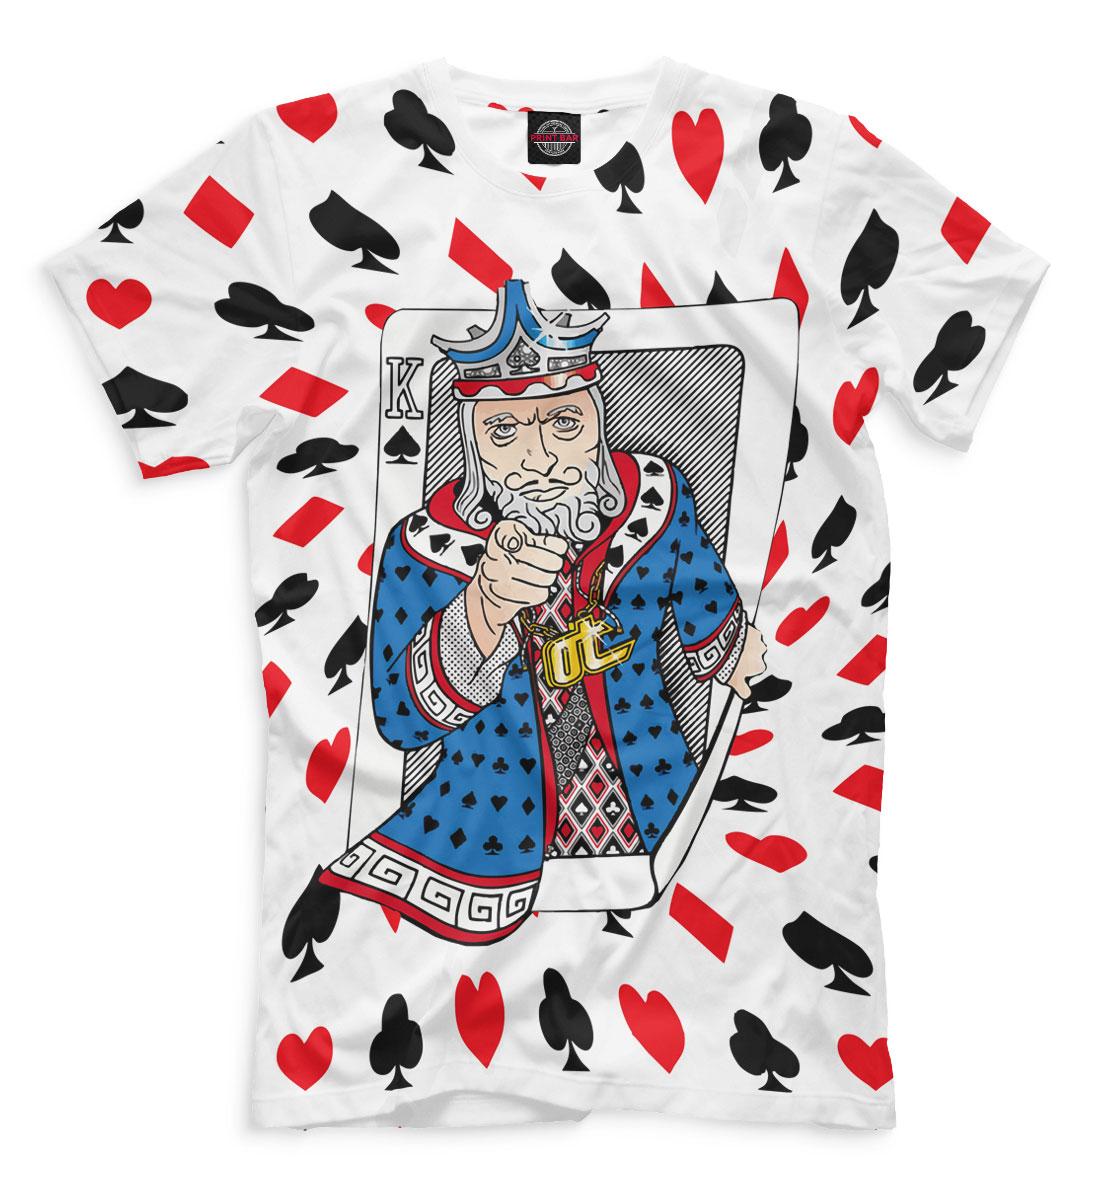 Купить Покер, Printbar, Футболки, POK-203540-fut-2